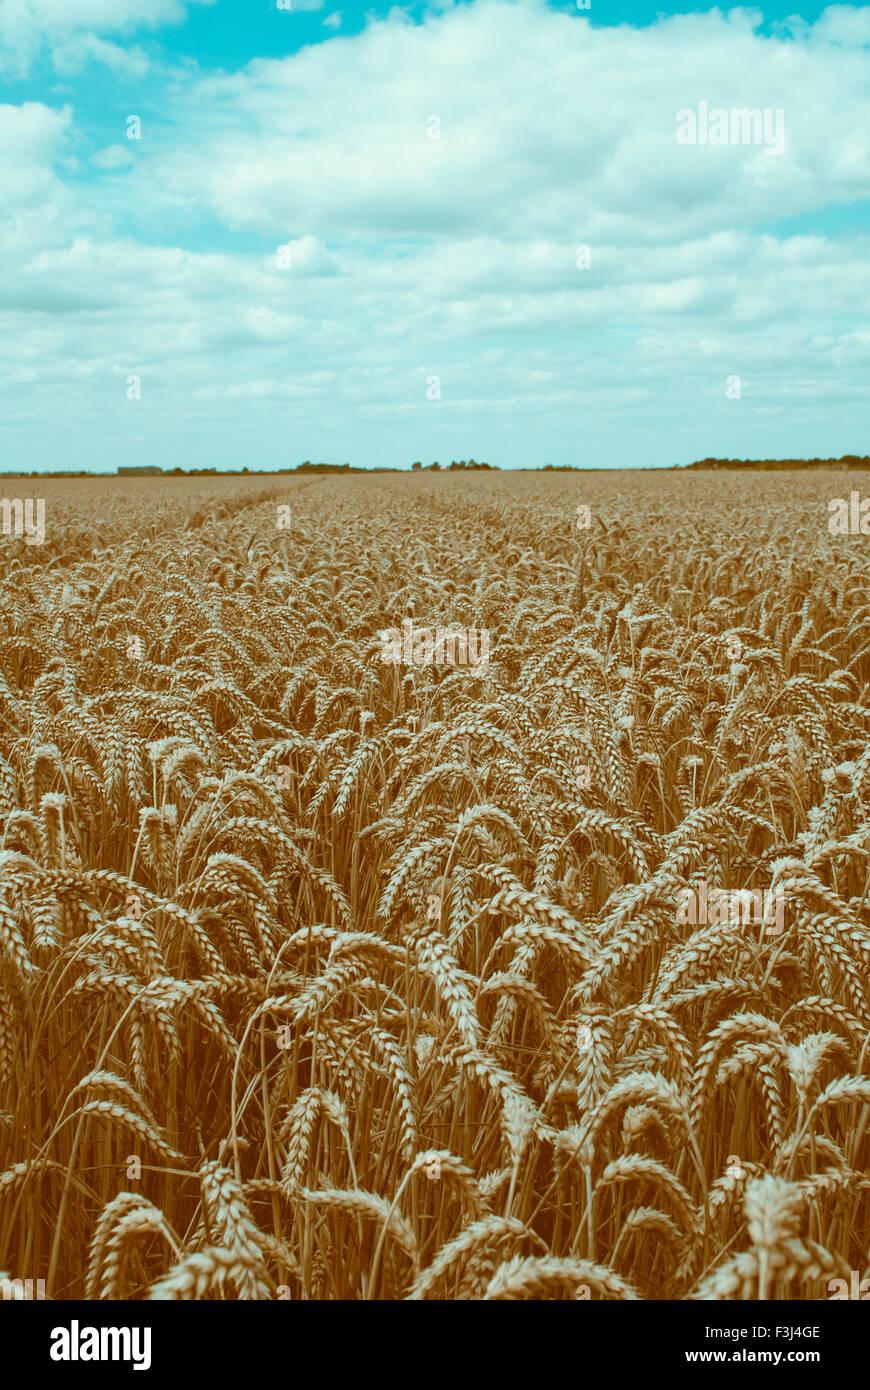 Beautiful wheat field - Stock Image